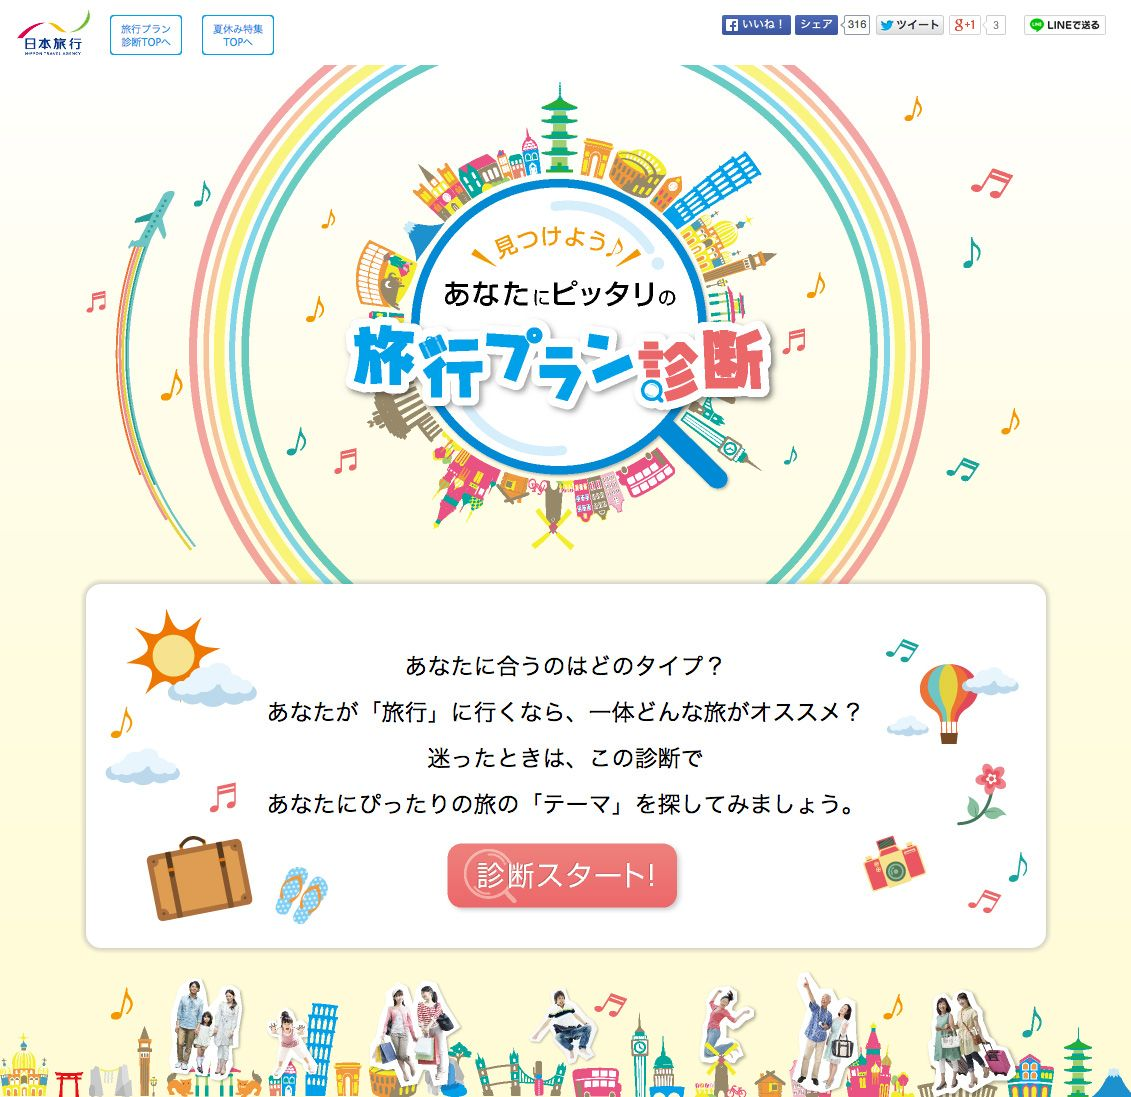 日本旅行・旅行プラン診断 http://www.nta.co.jp/summer/shindan/ | lp